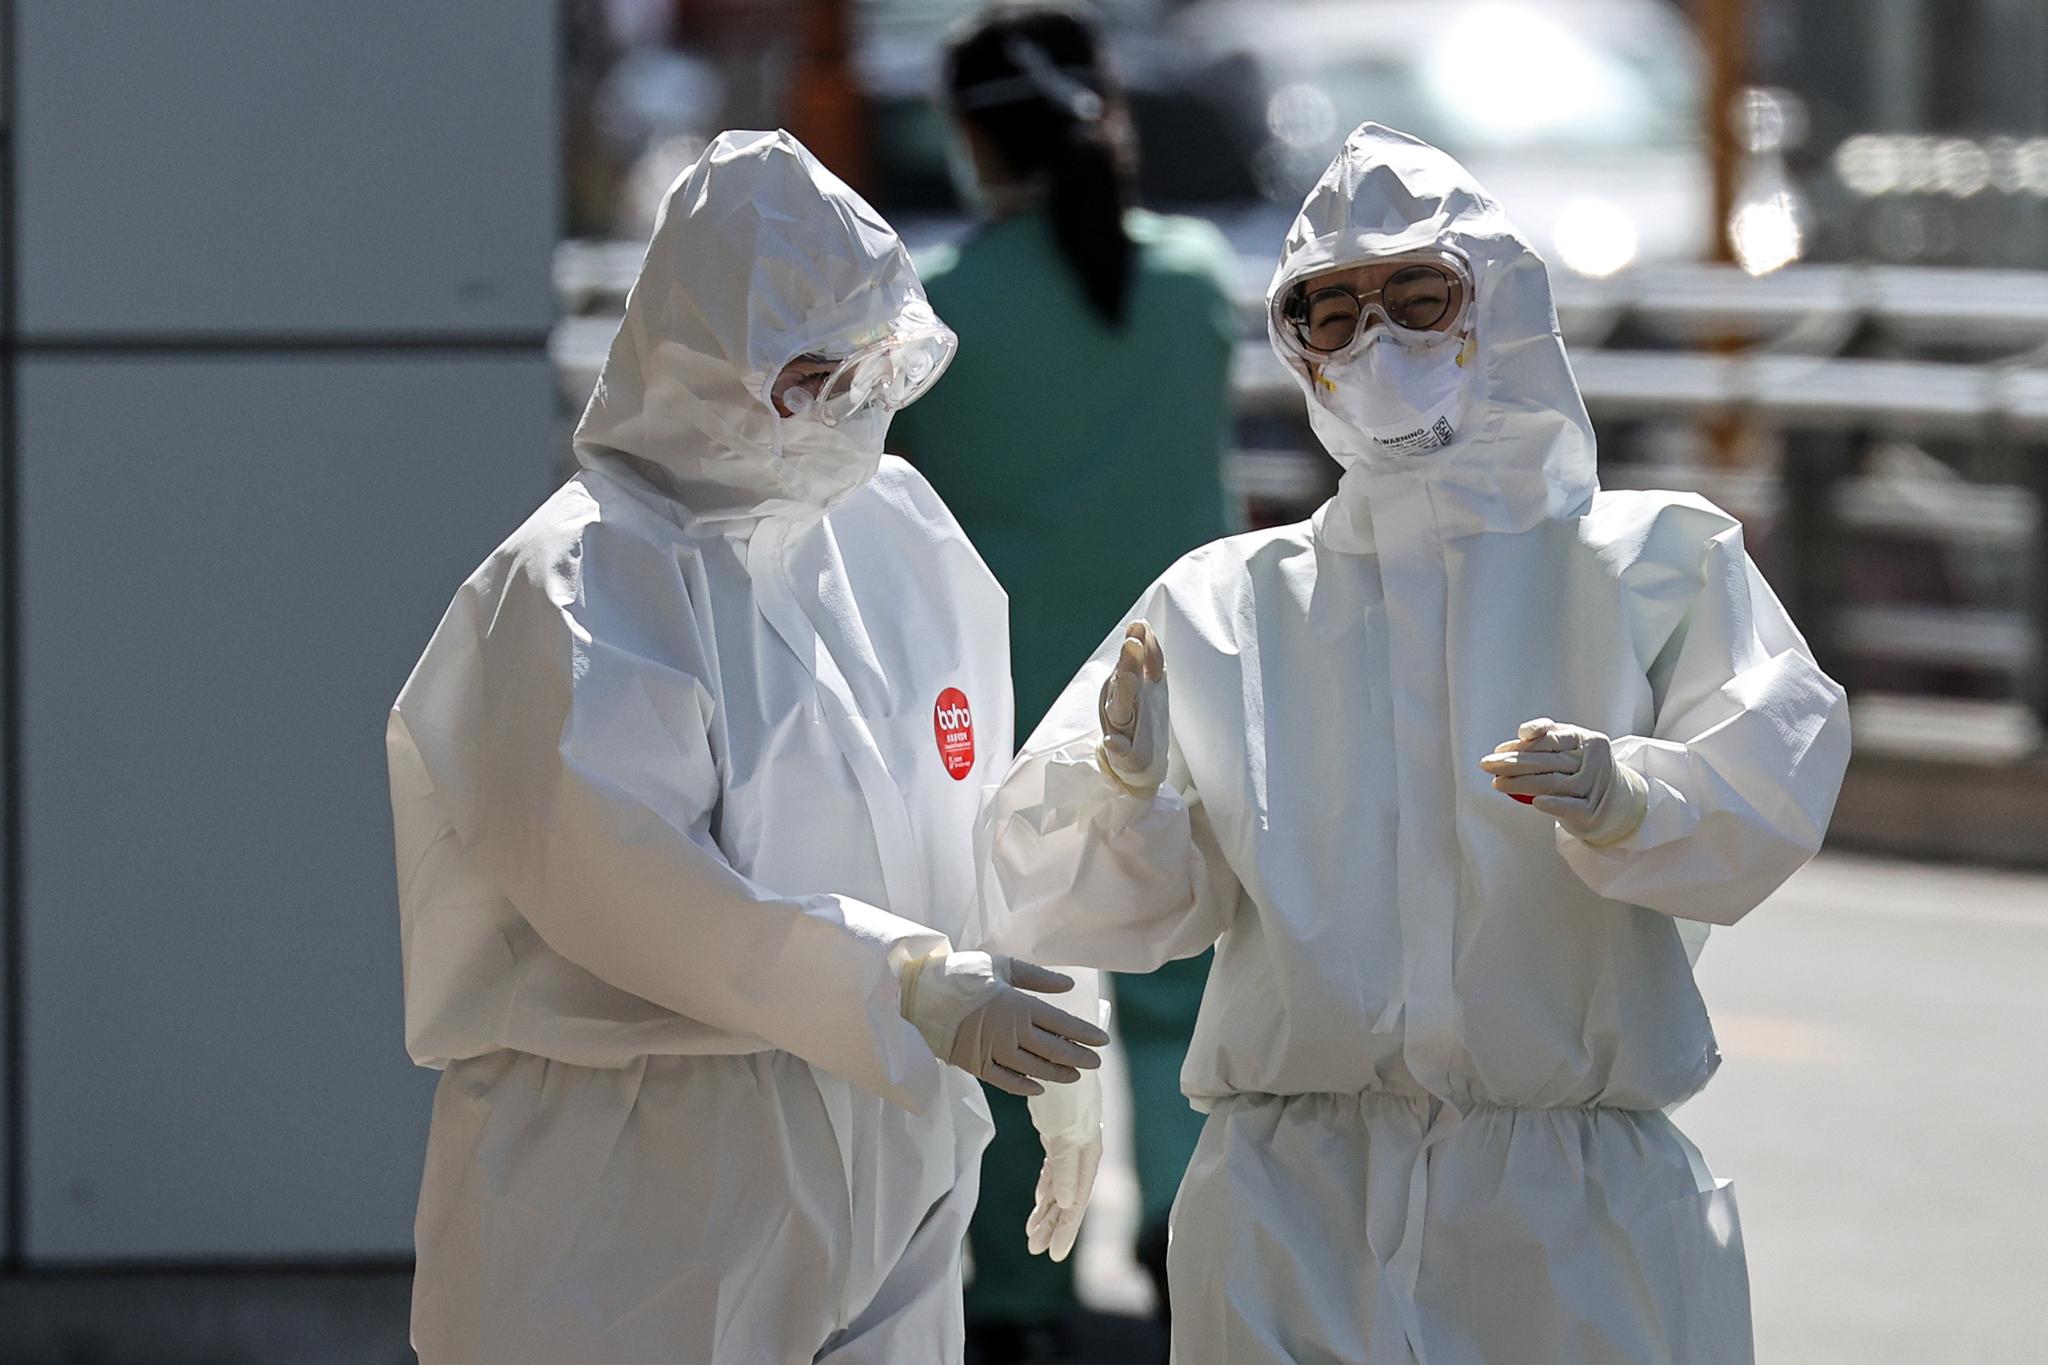 12일 오후 대구시 신종 코로나바이러스 감염증(코로나19) 지역거점병원인 계명대학교 대구동산병원에서 의료진이 근무 교대하고 있다. 뉴스1